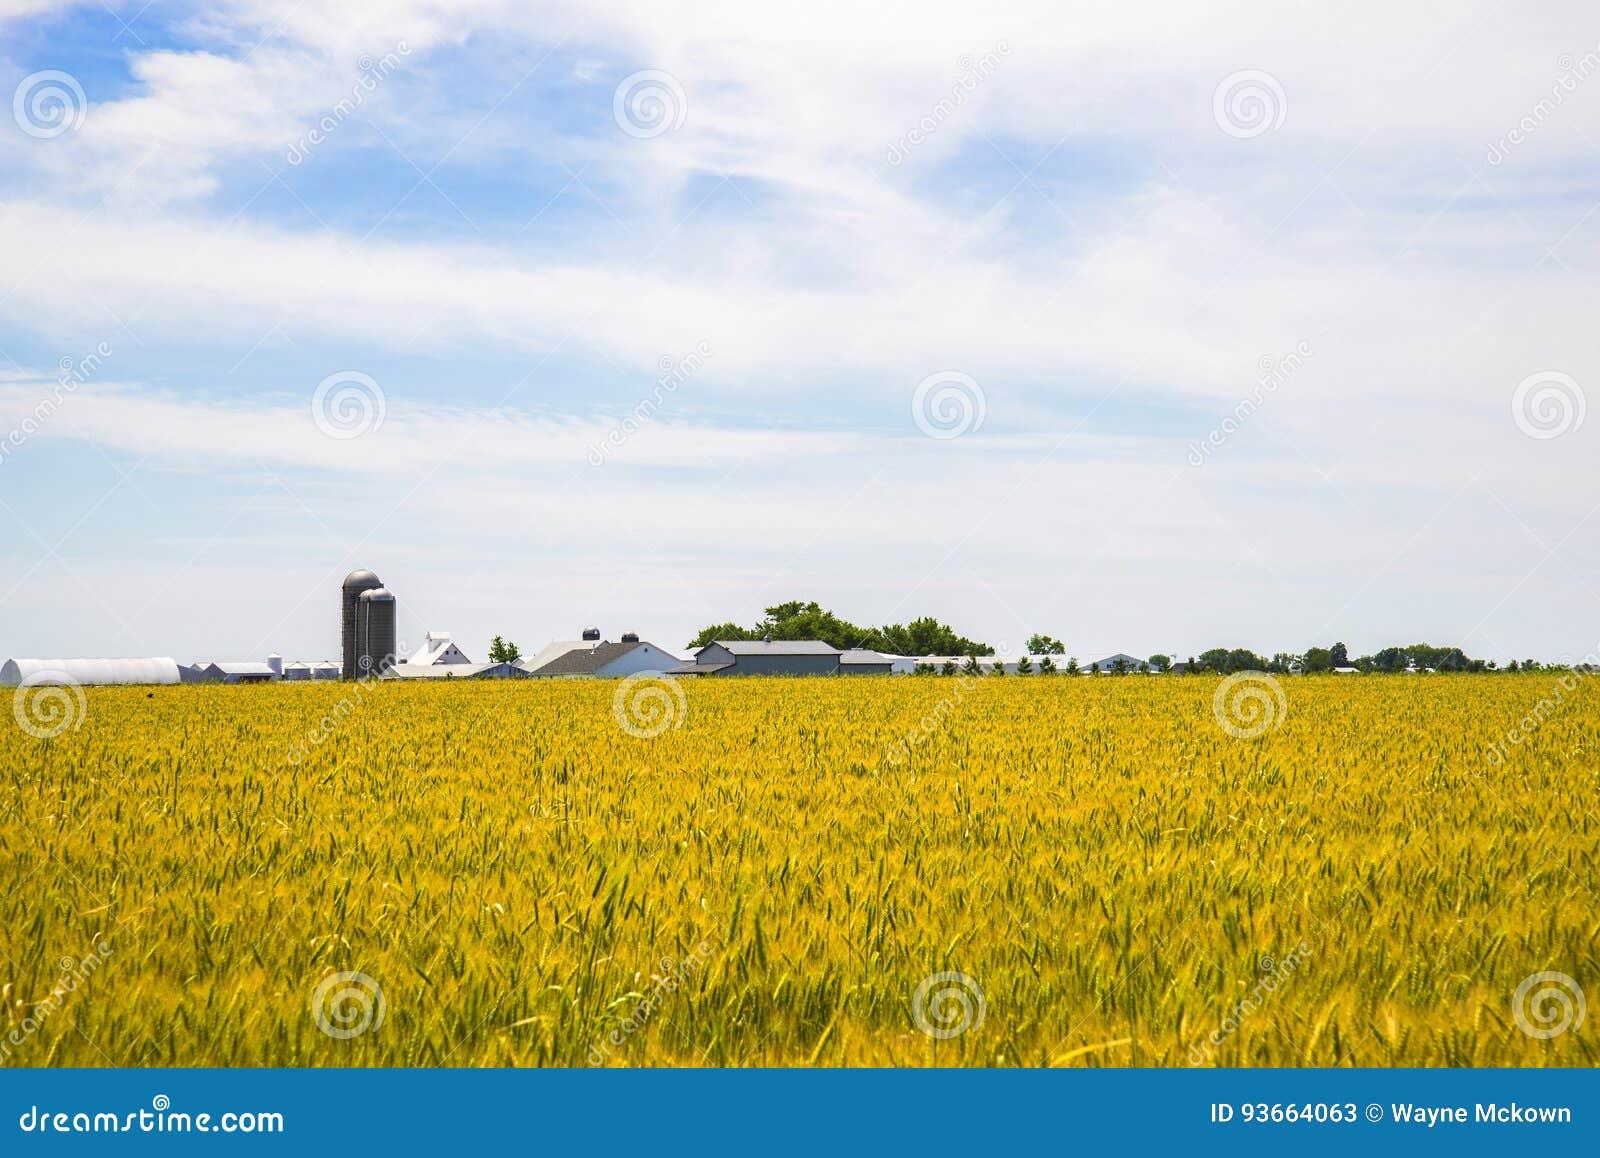 门诺派中的严紧派的农场和麦田